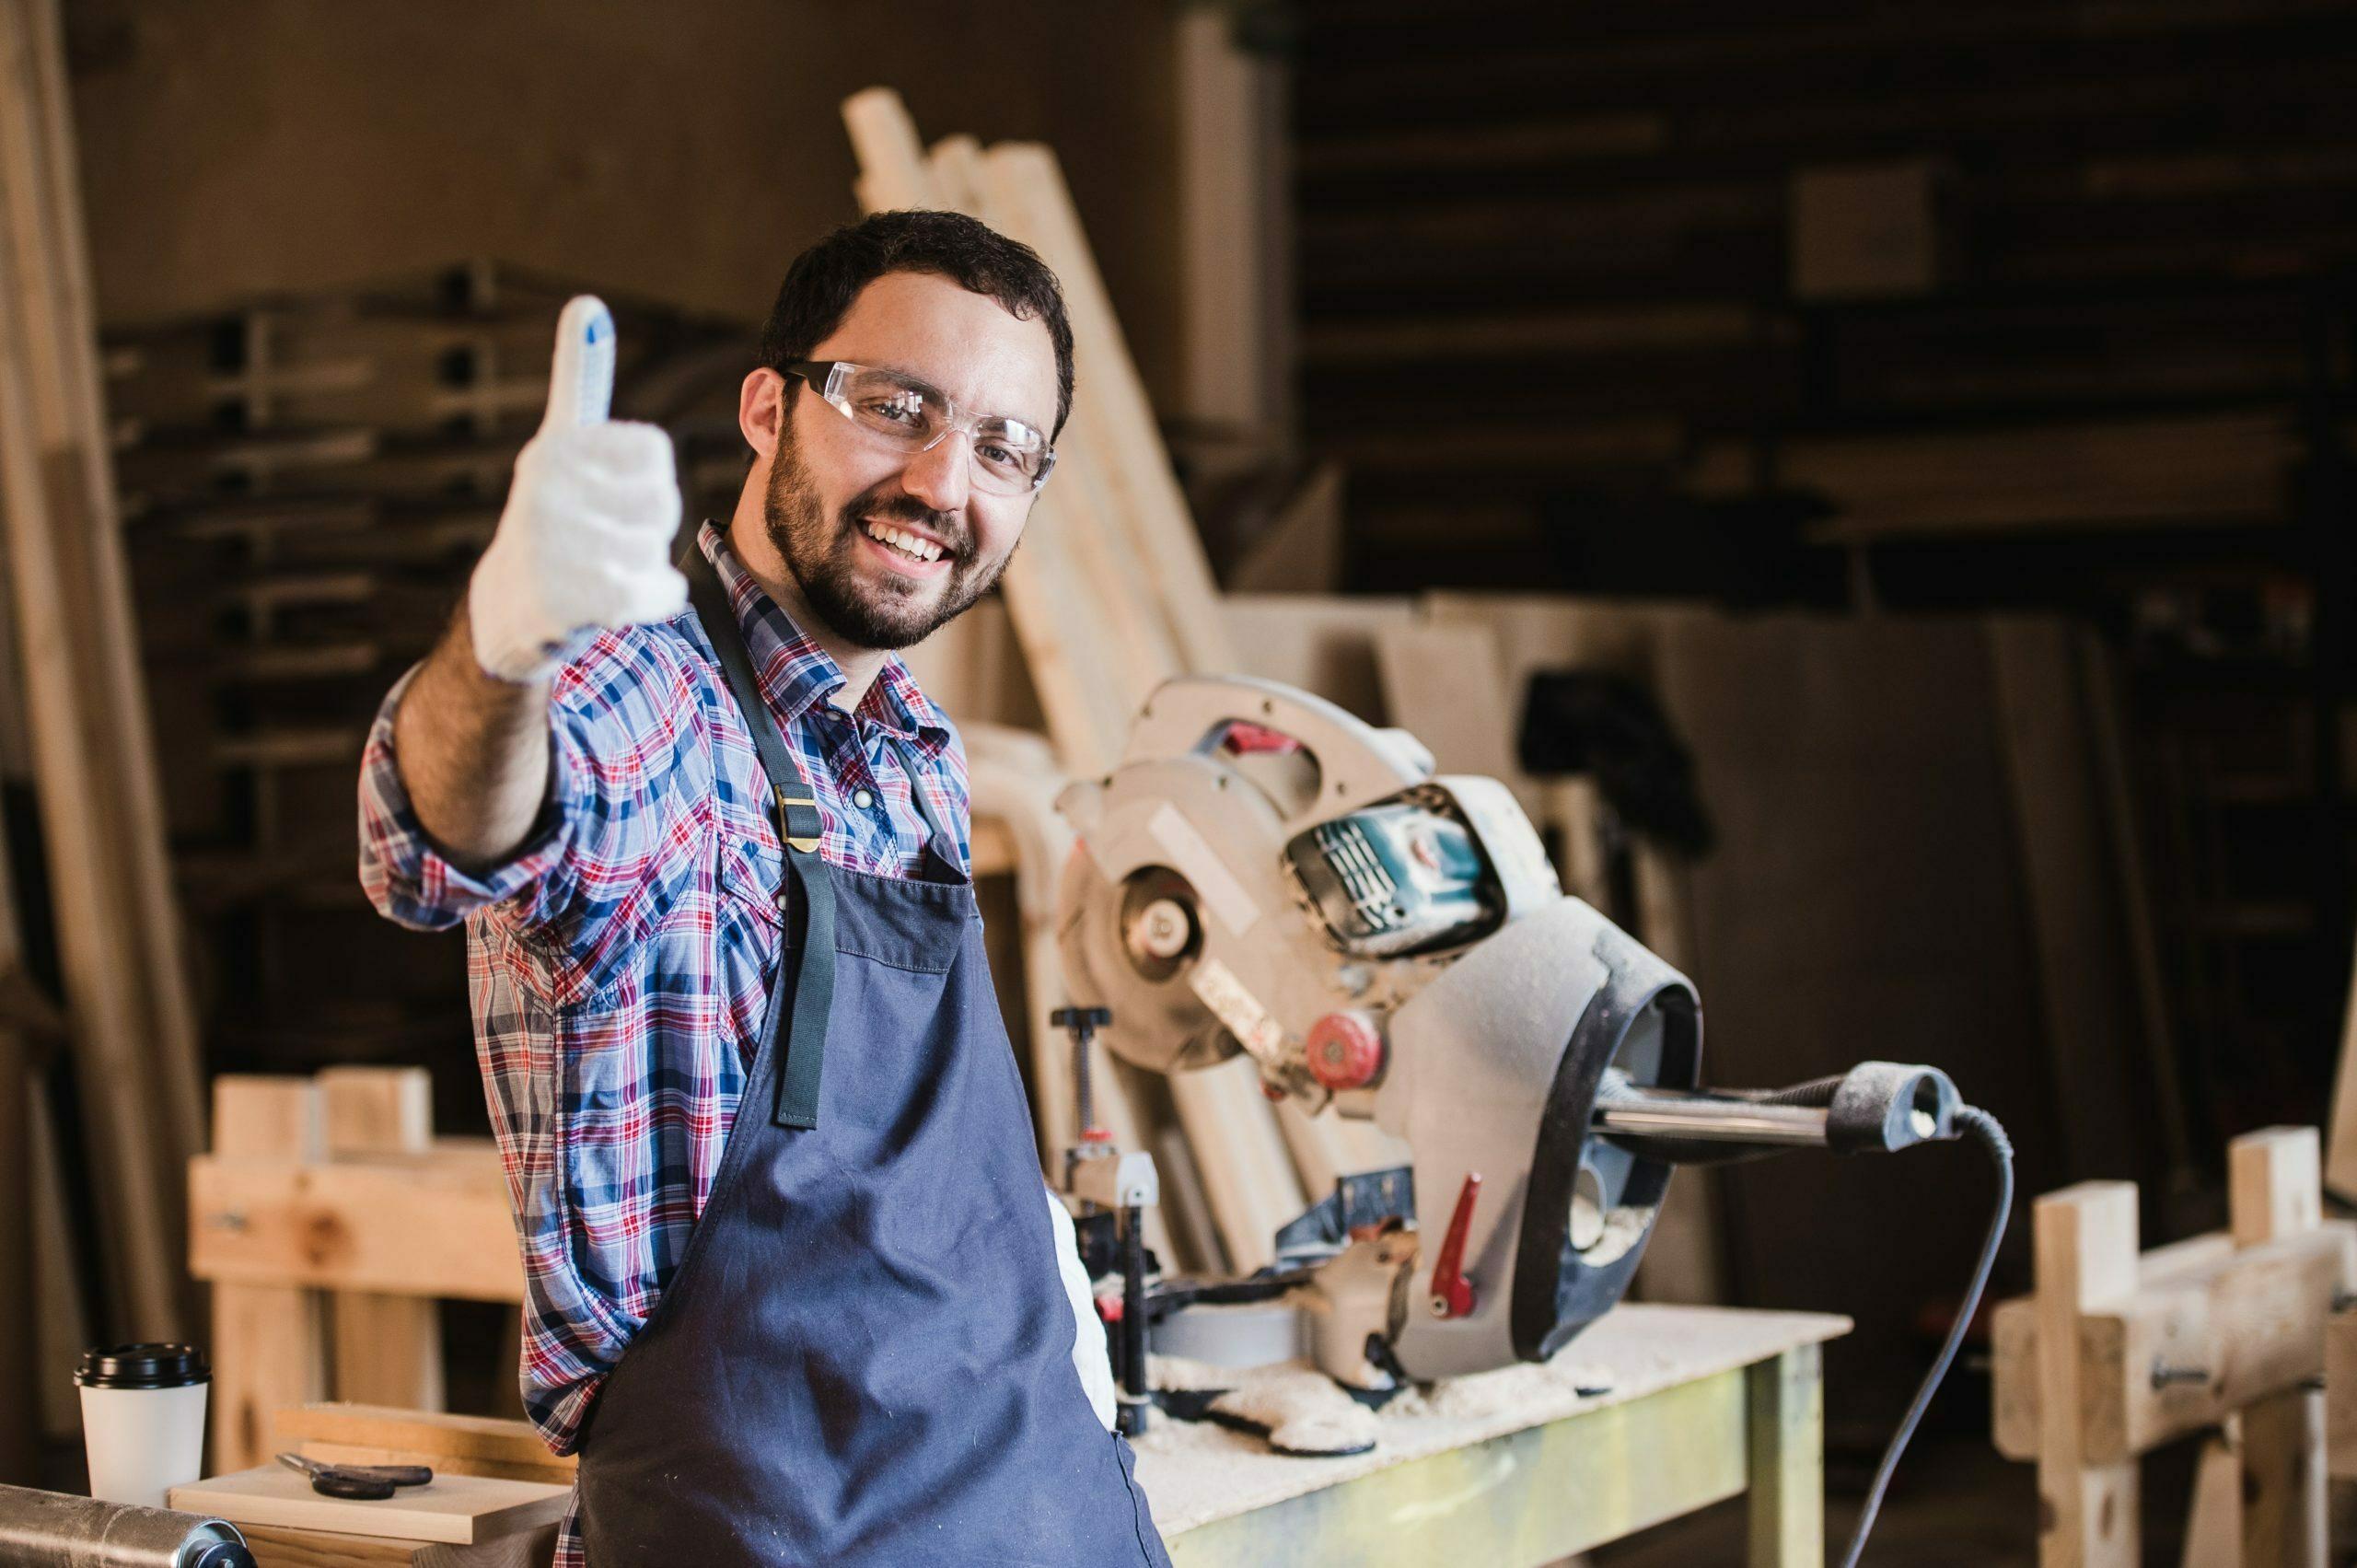 portrait d'un ouvrier de la construction souriant